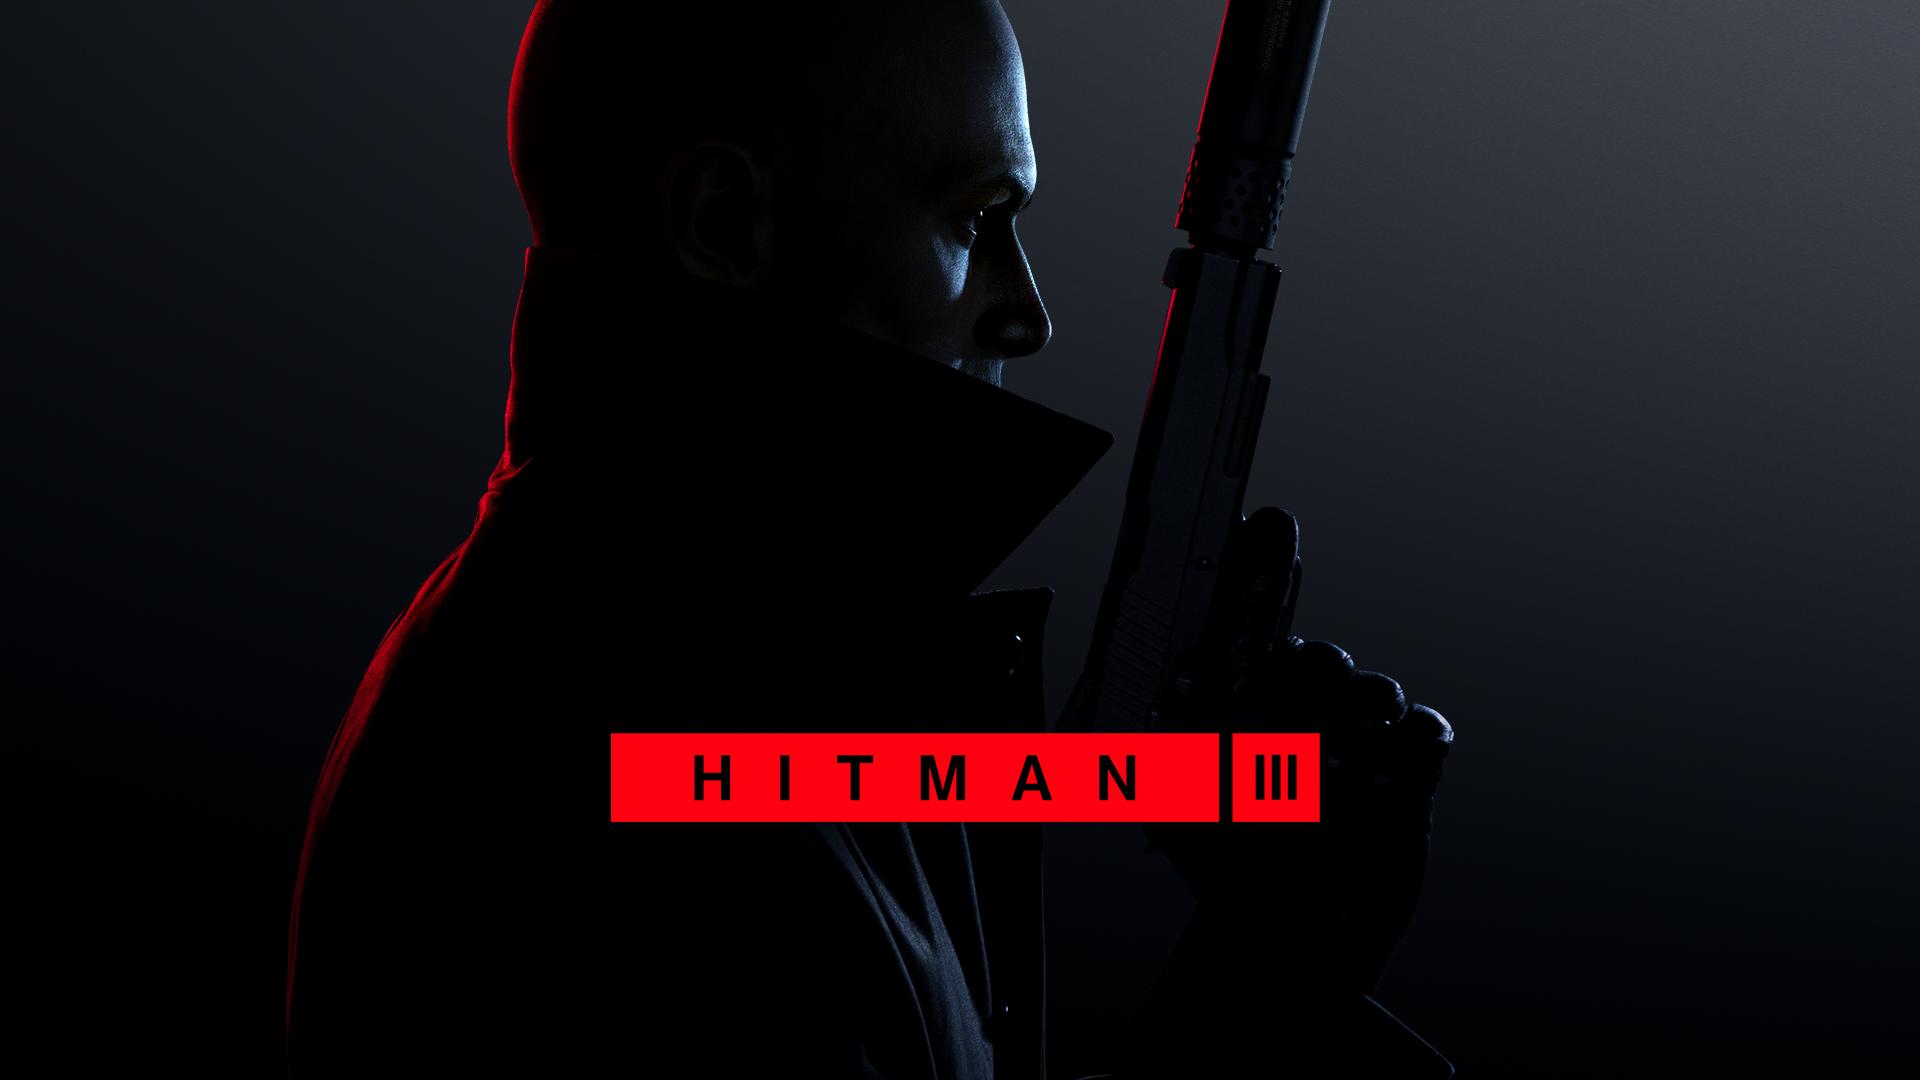 Hitman3 212020 1